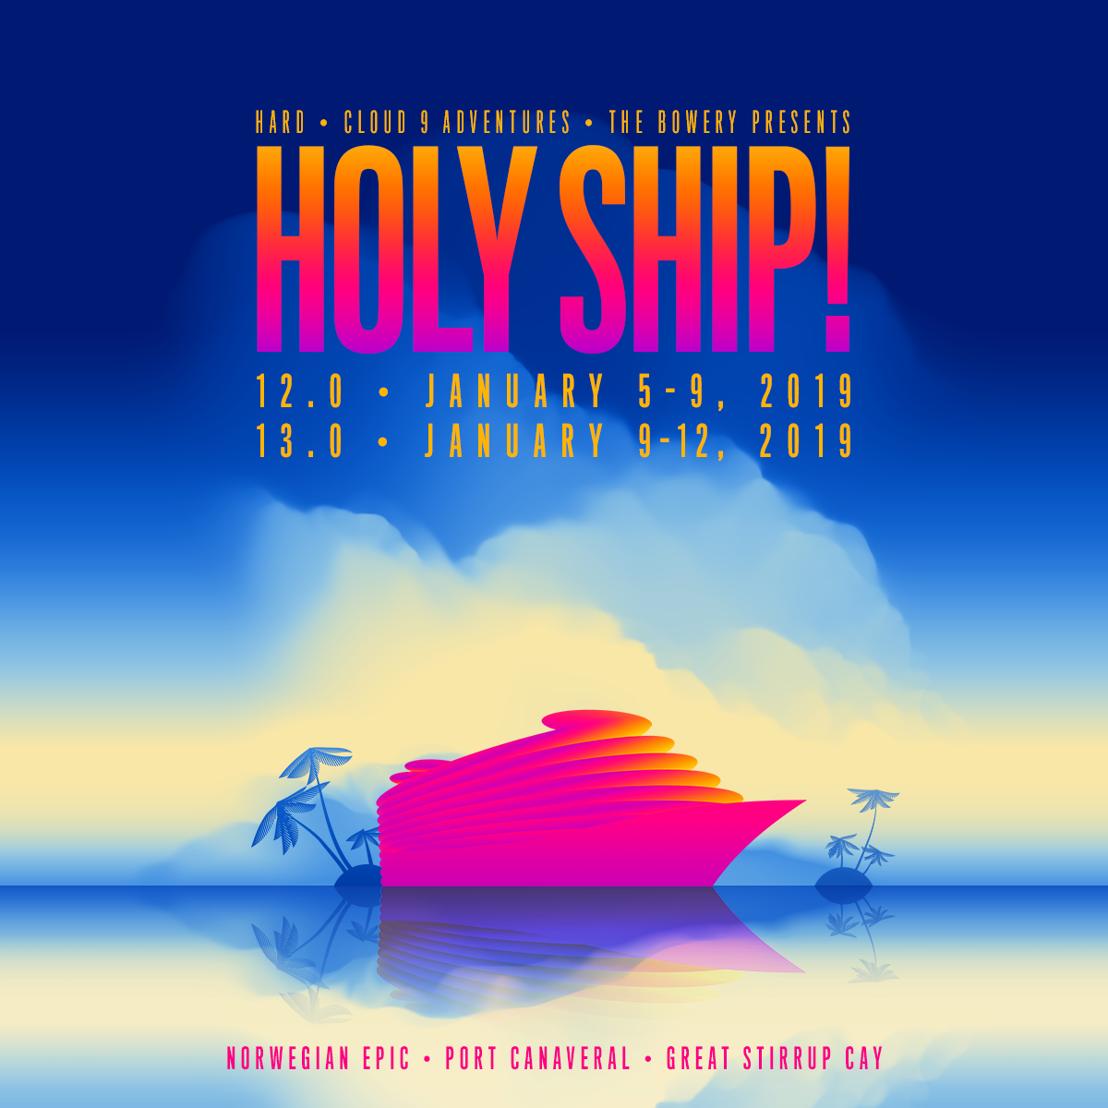 Holy Ship 12.0 13.0